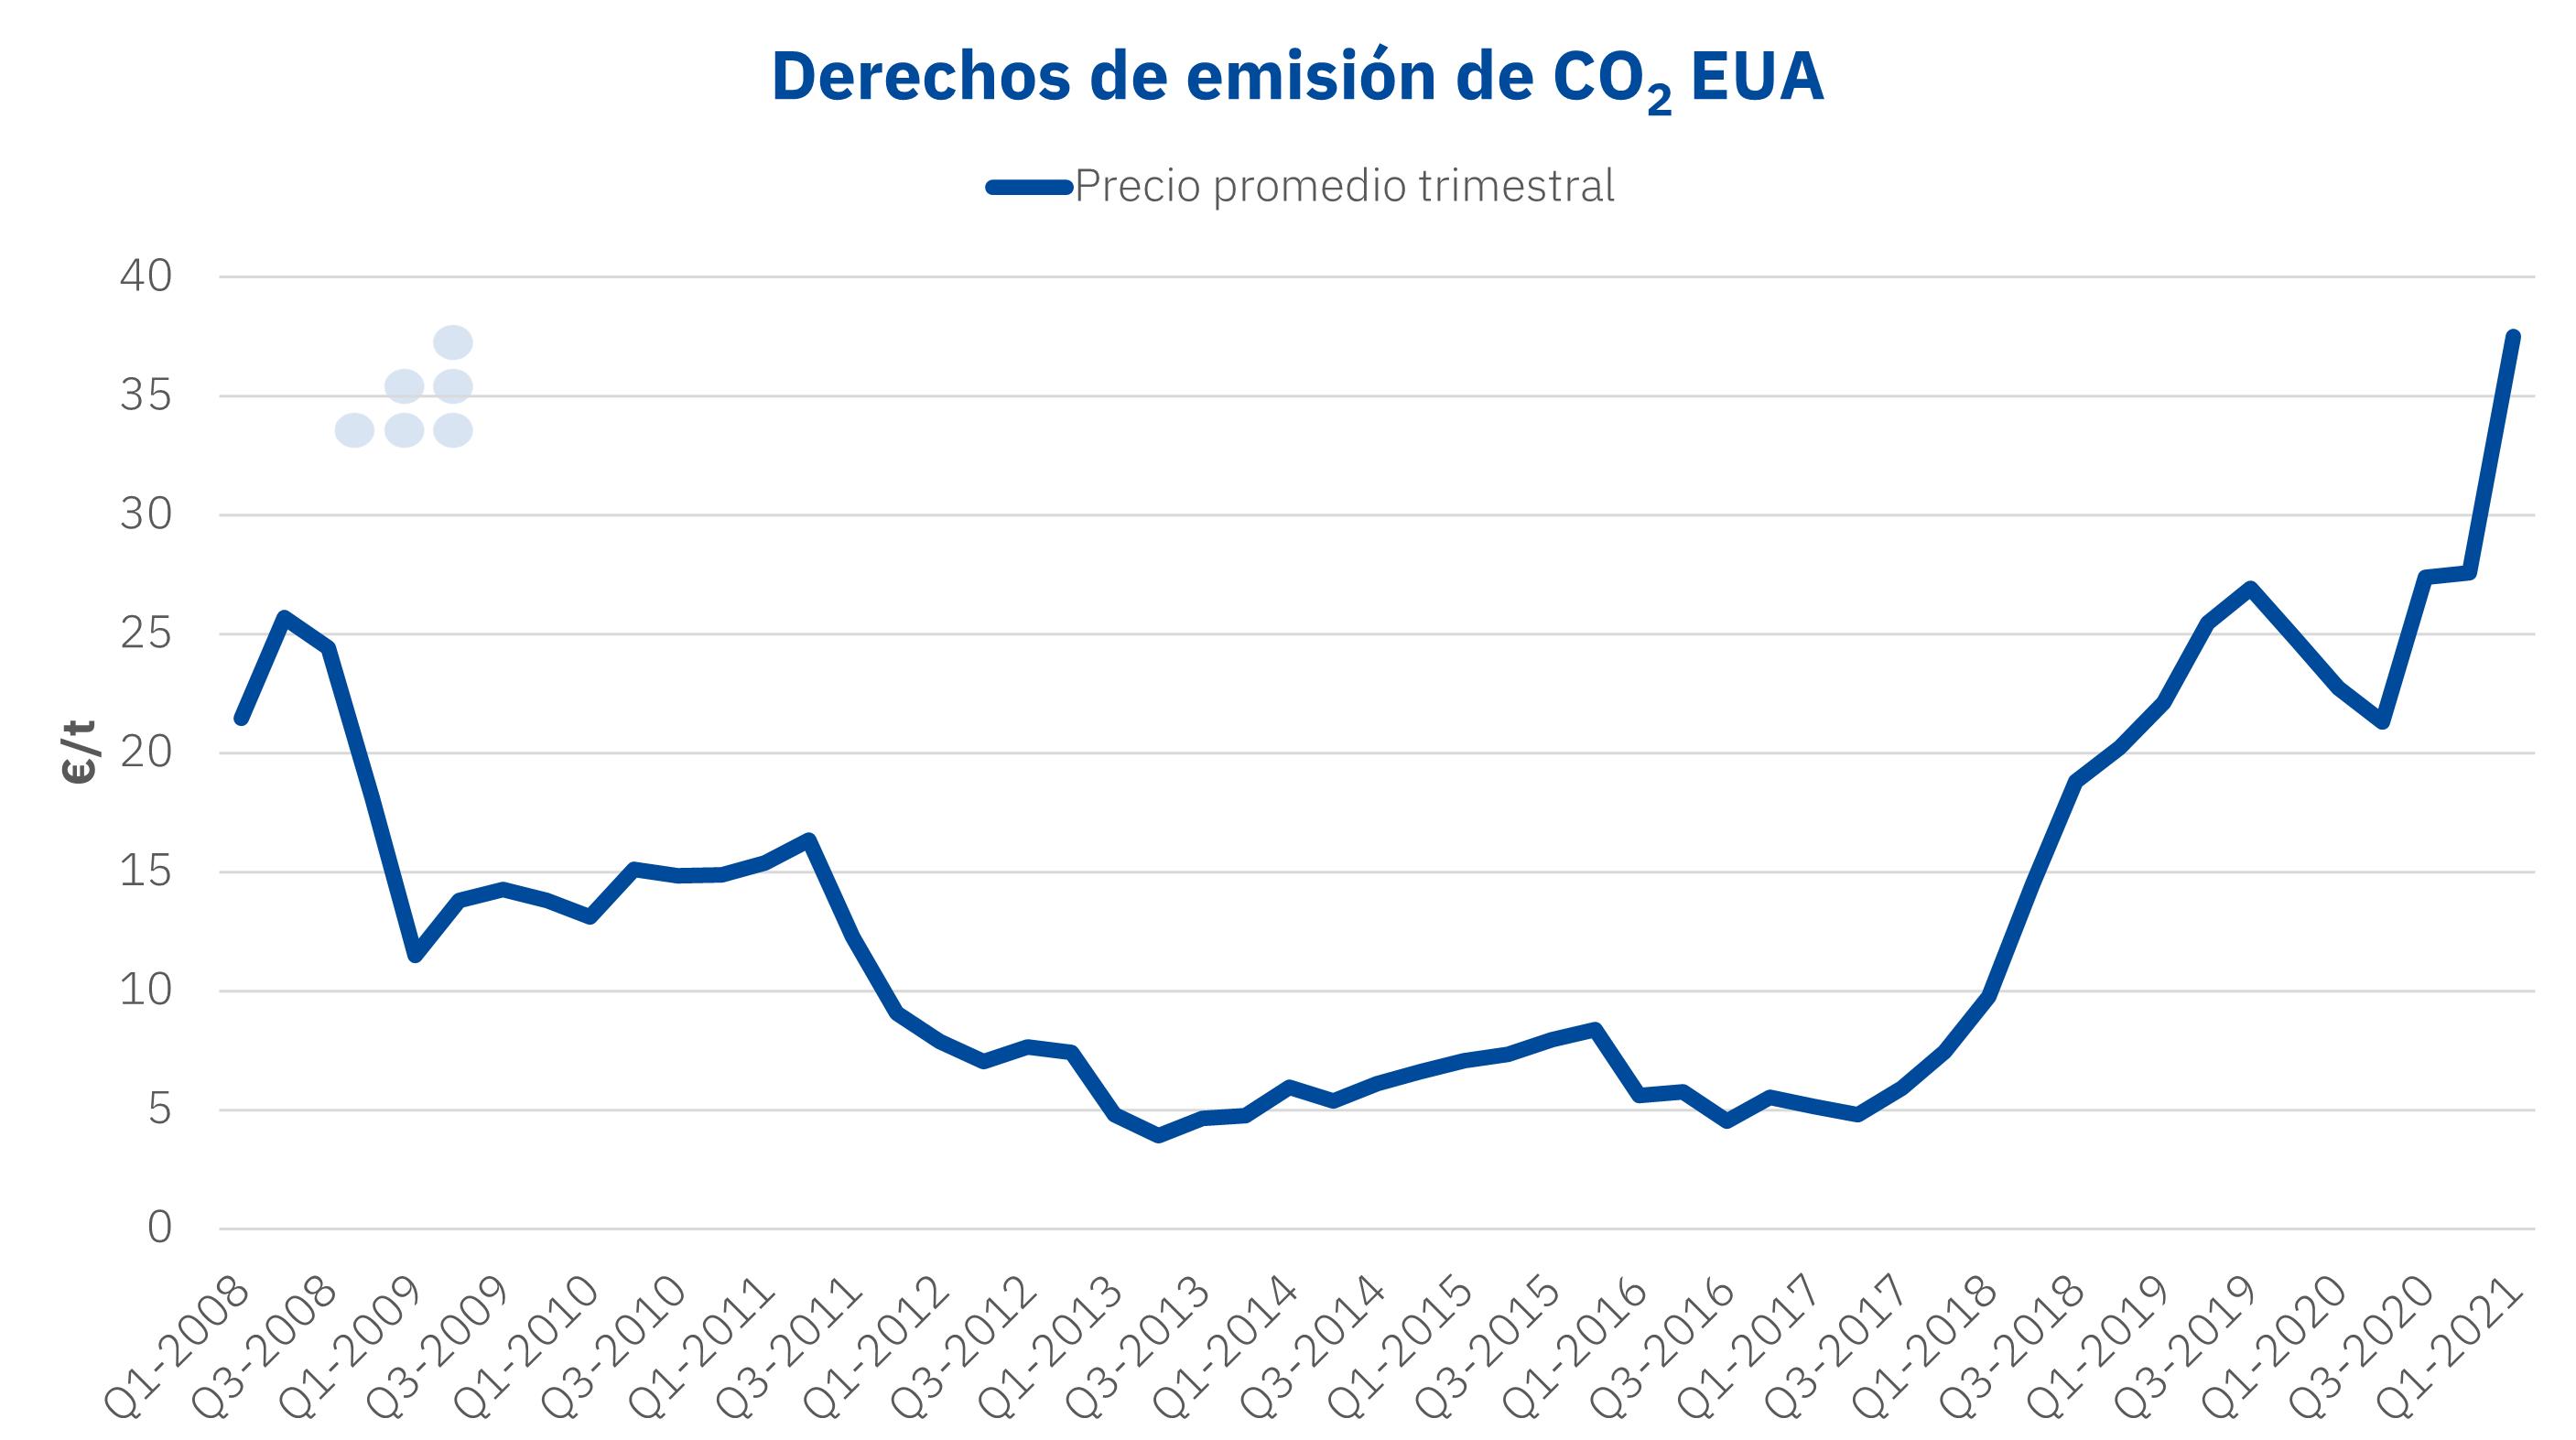 AleaSoft - Precio derechos emision CO2 EUA.